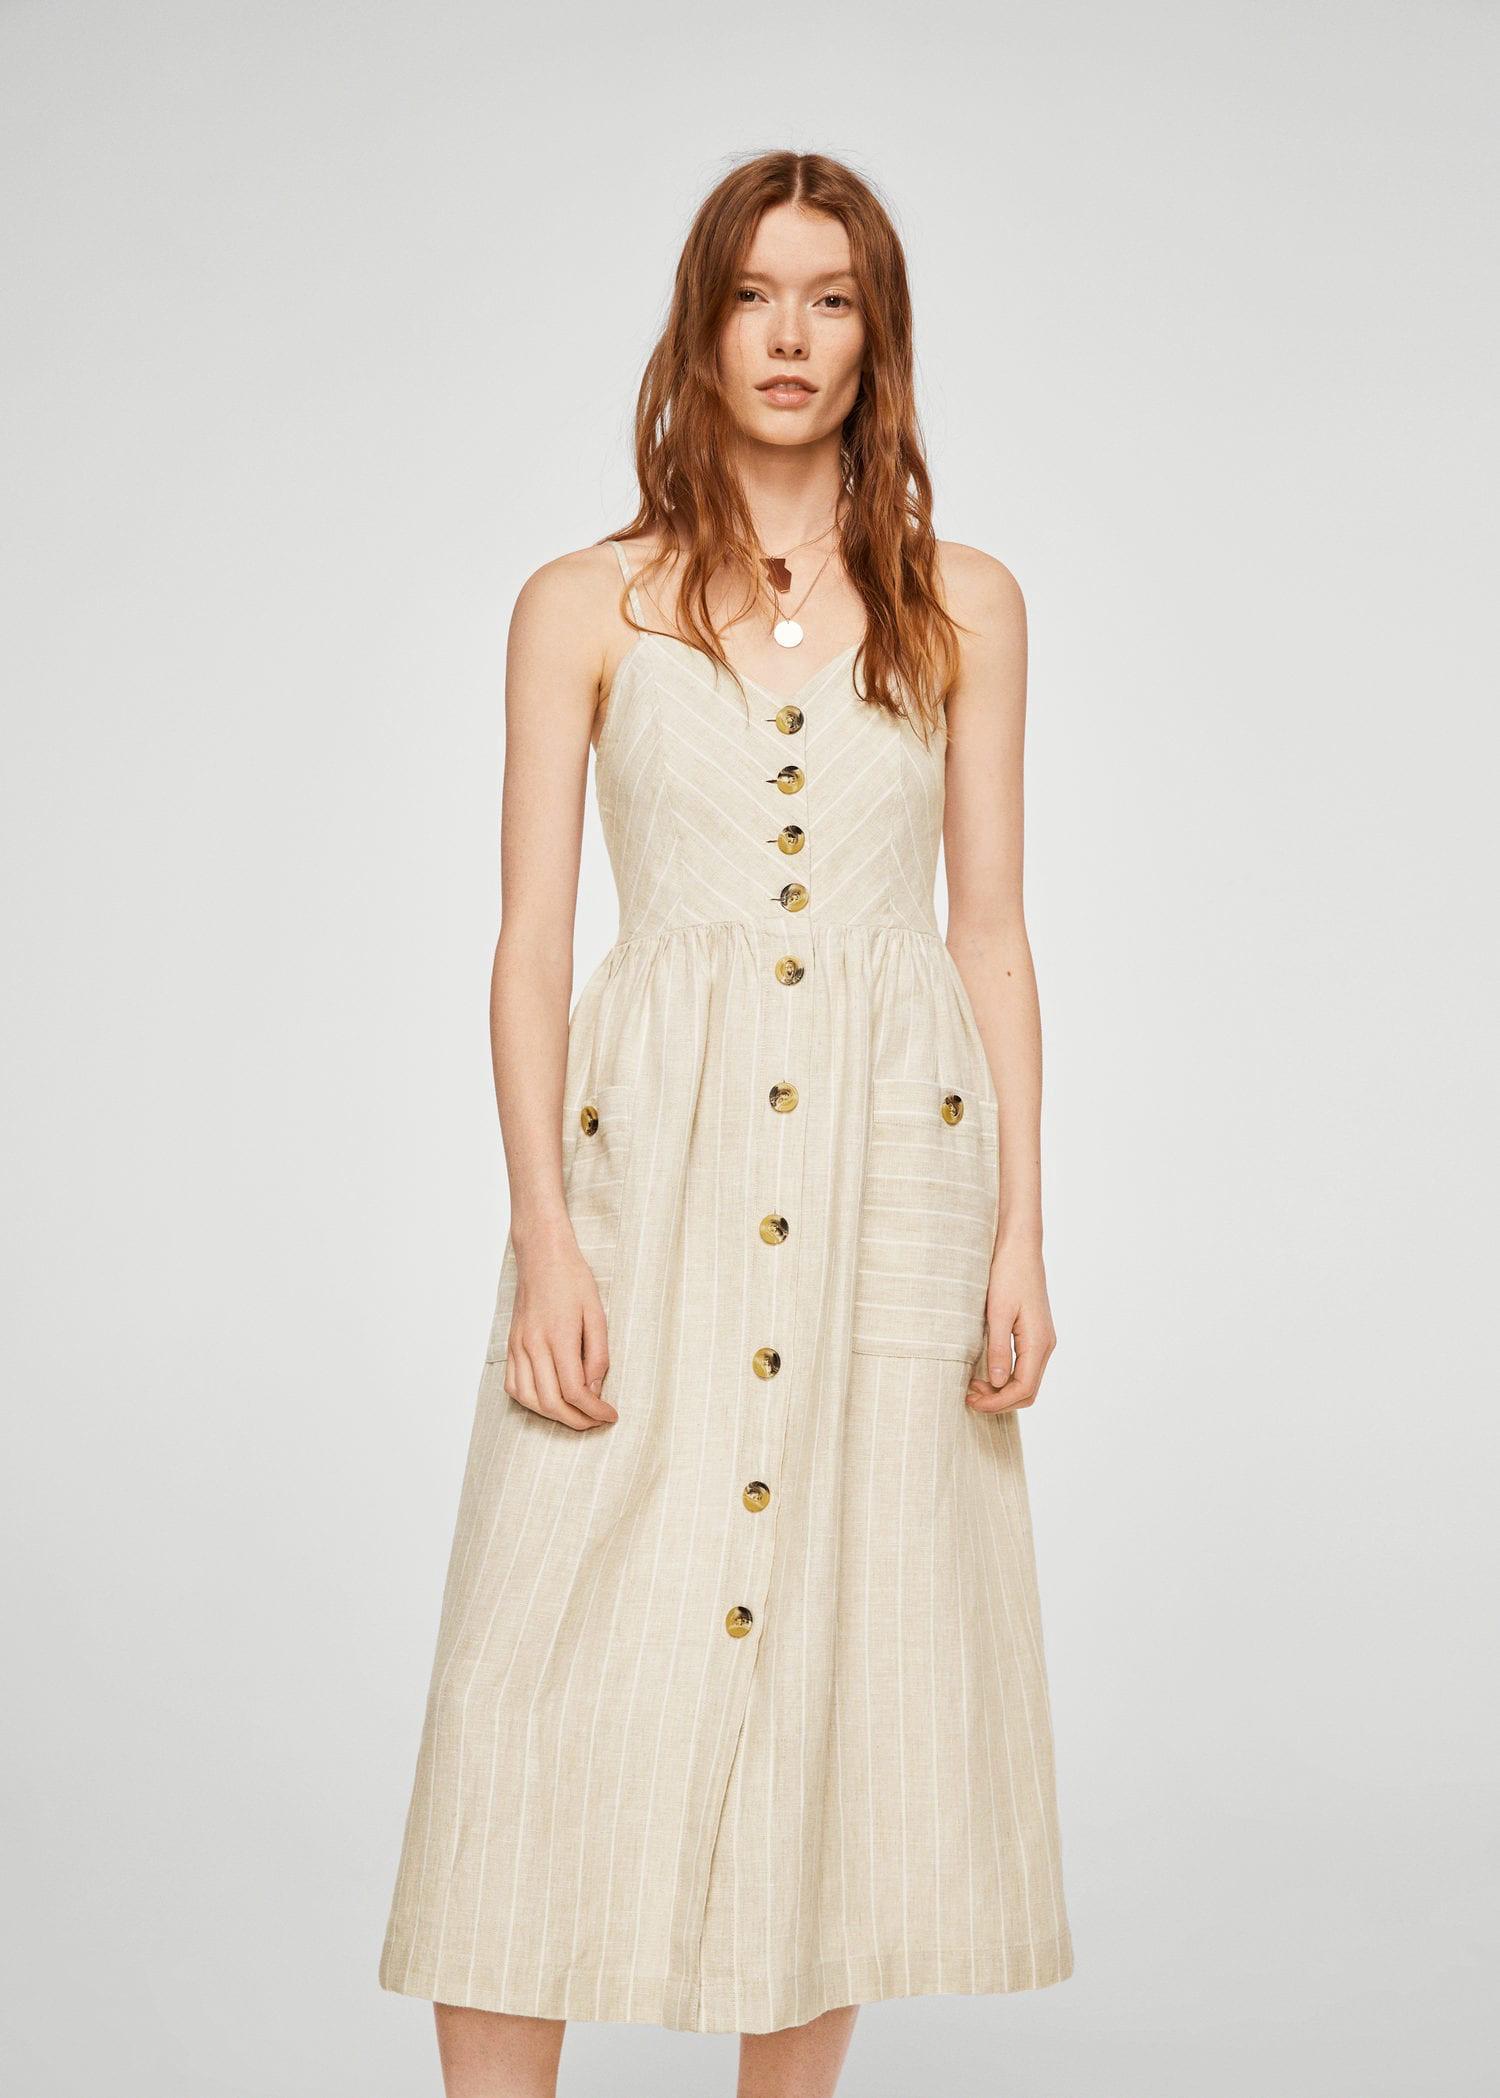 Mango Striped Linen Dress Women | 4 | Linen dress women